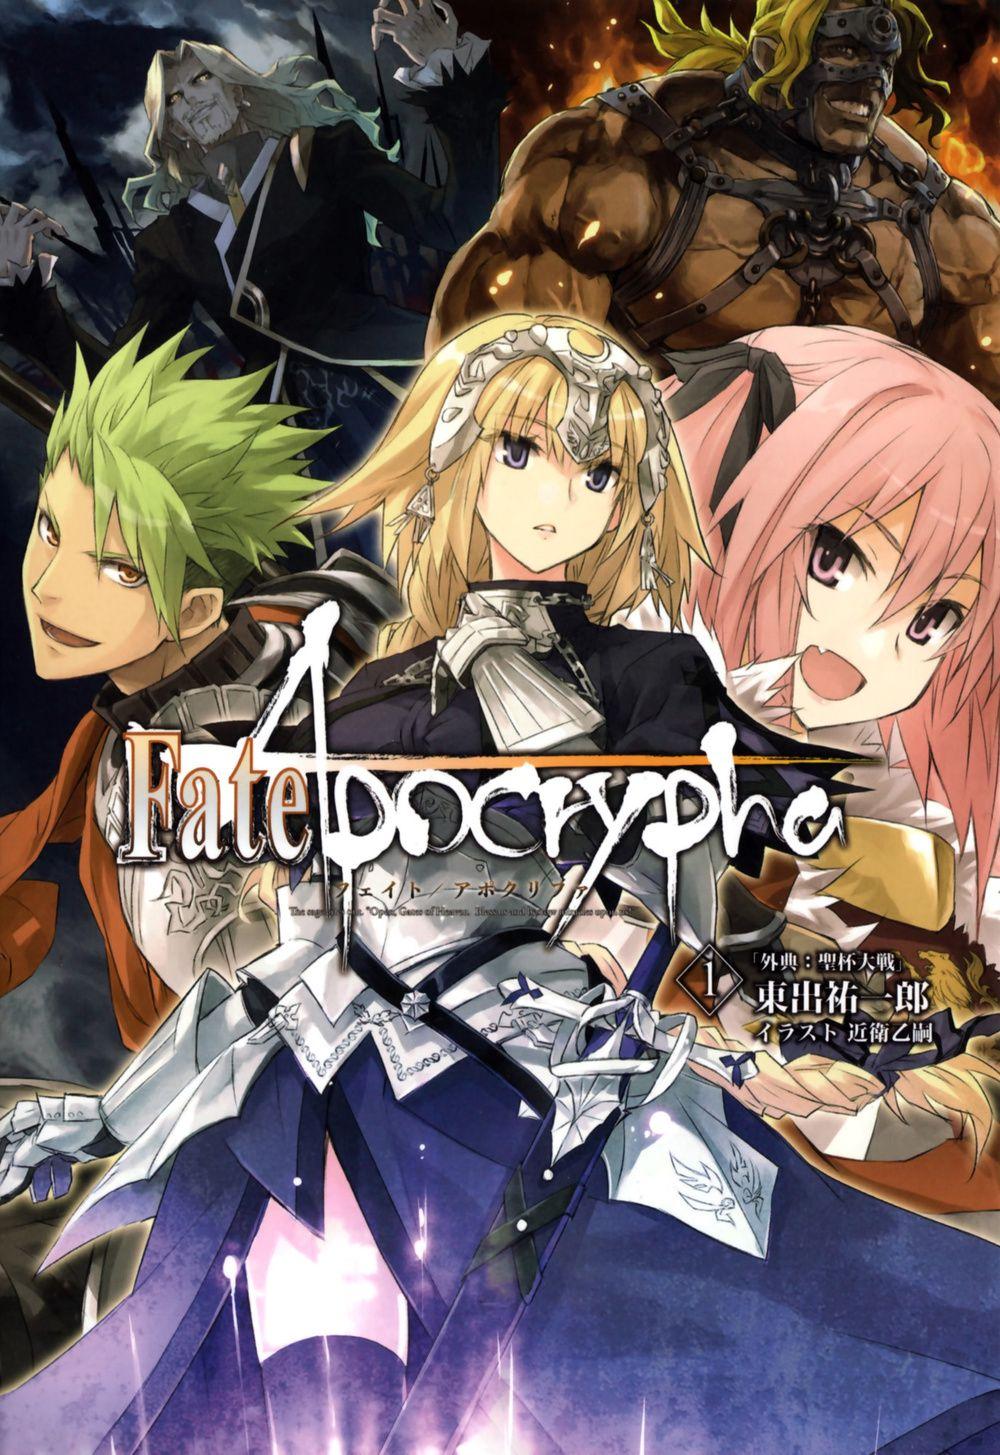 动漫歌手EGOIST、GARNiDELiA确定为《Fate/Apocrypha》创作演唱主题曲 Anime